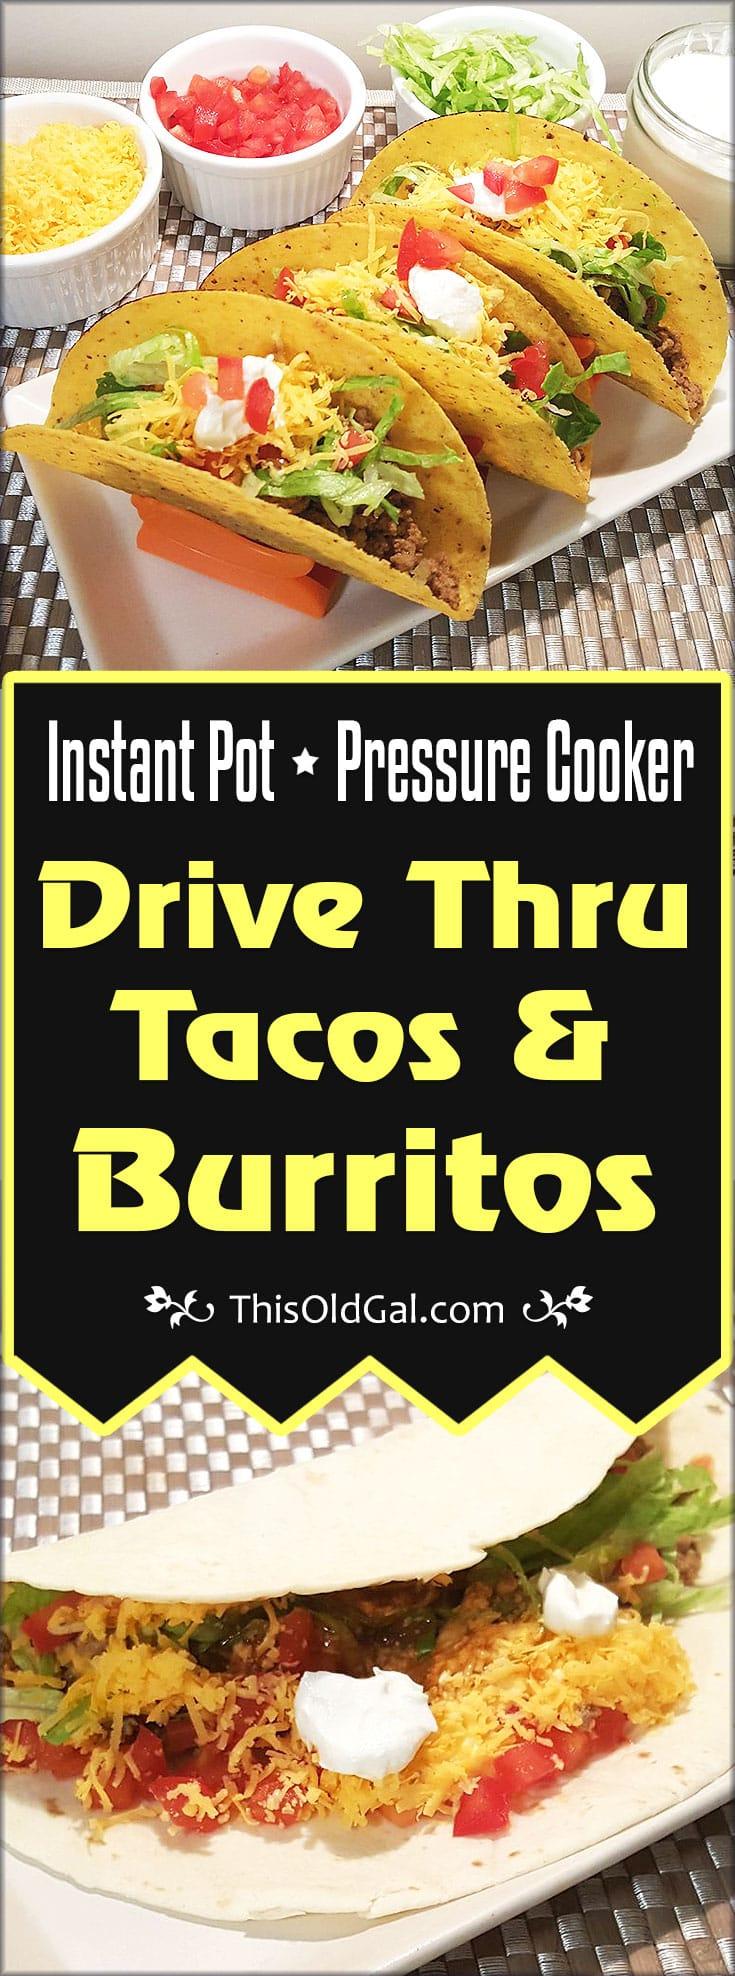 Pressure Cooker Drive Thru Tacos & Burritos (Instant Pot)